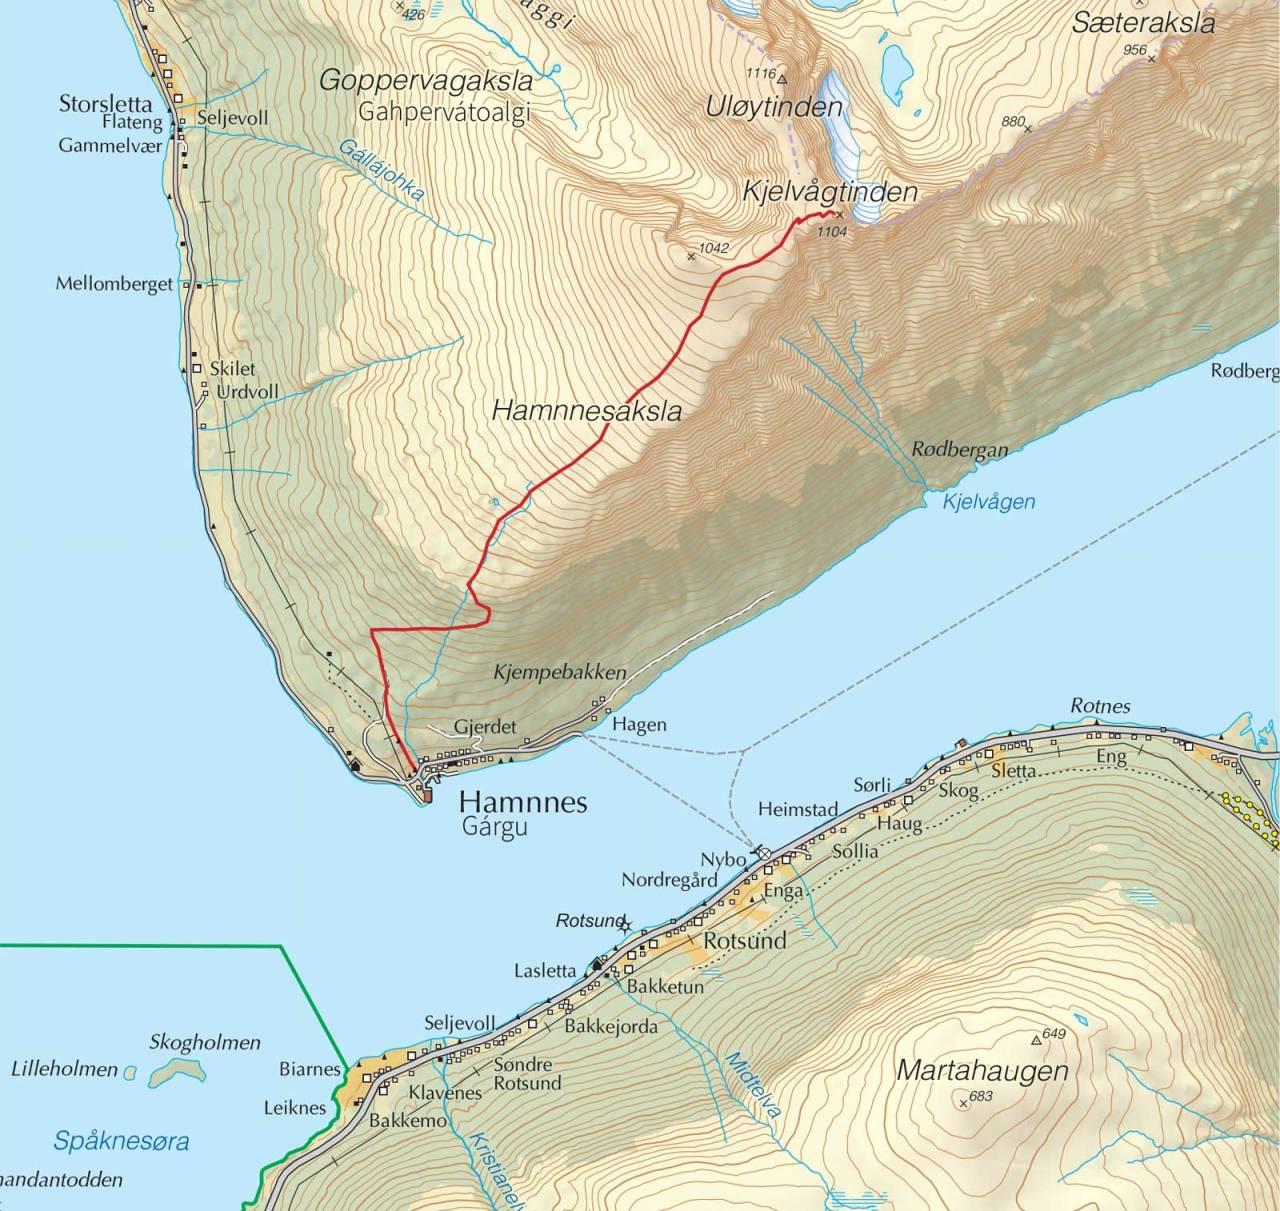 Kart over Kjelvågtinden med inntegnet rute. Fra Trygge toppturer.